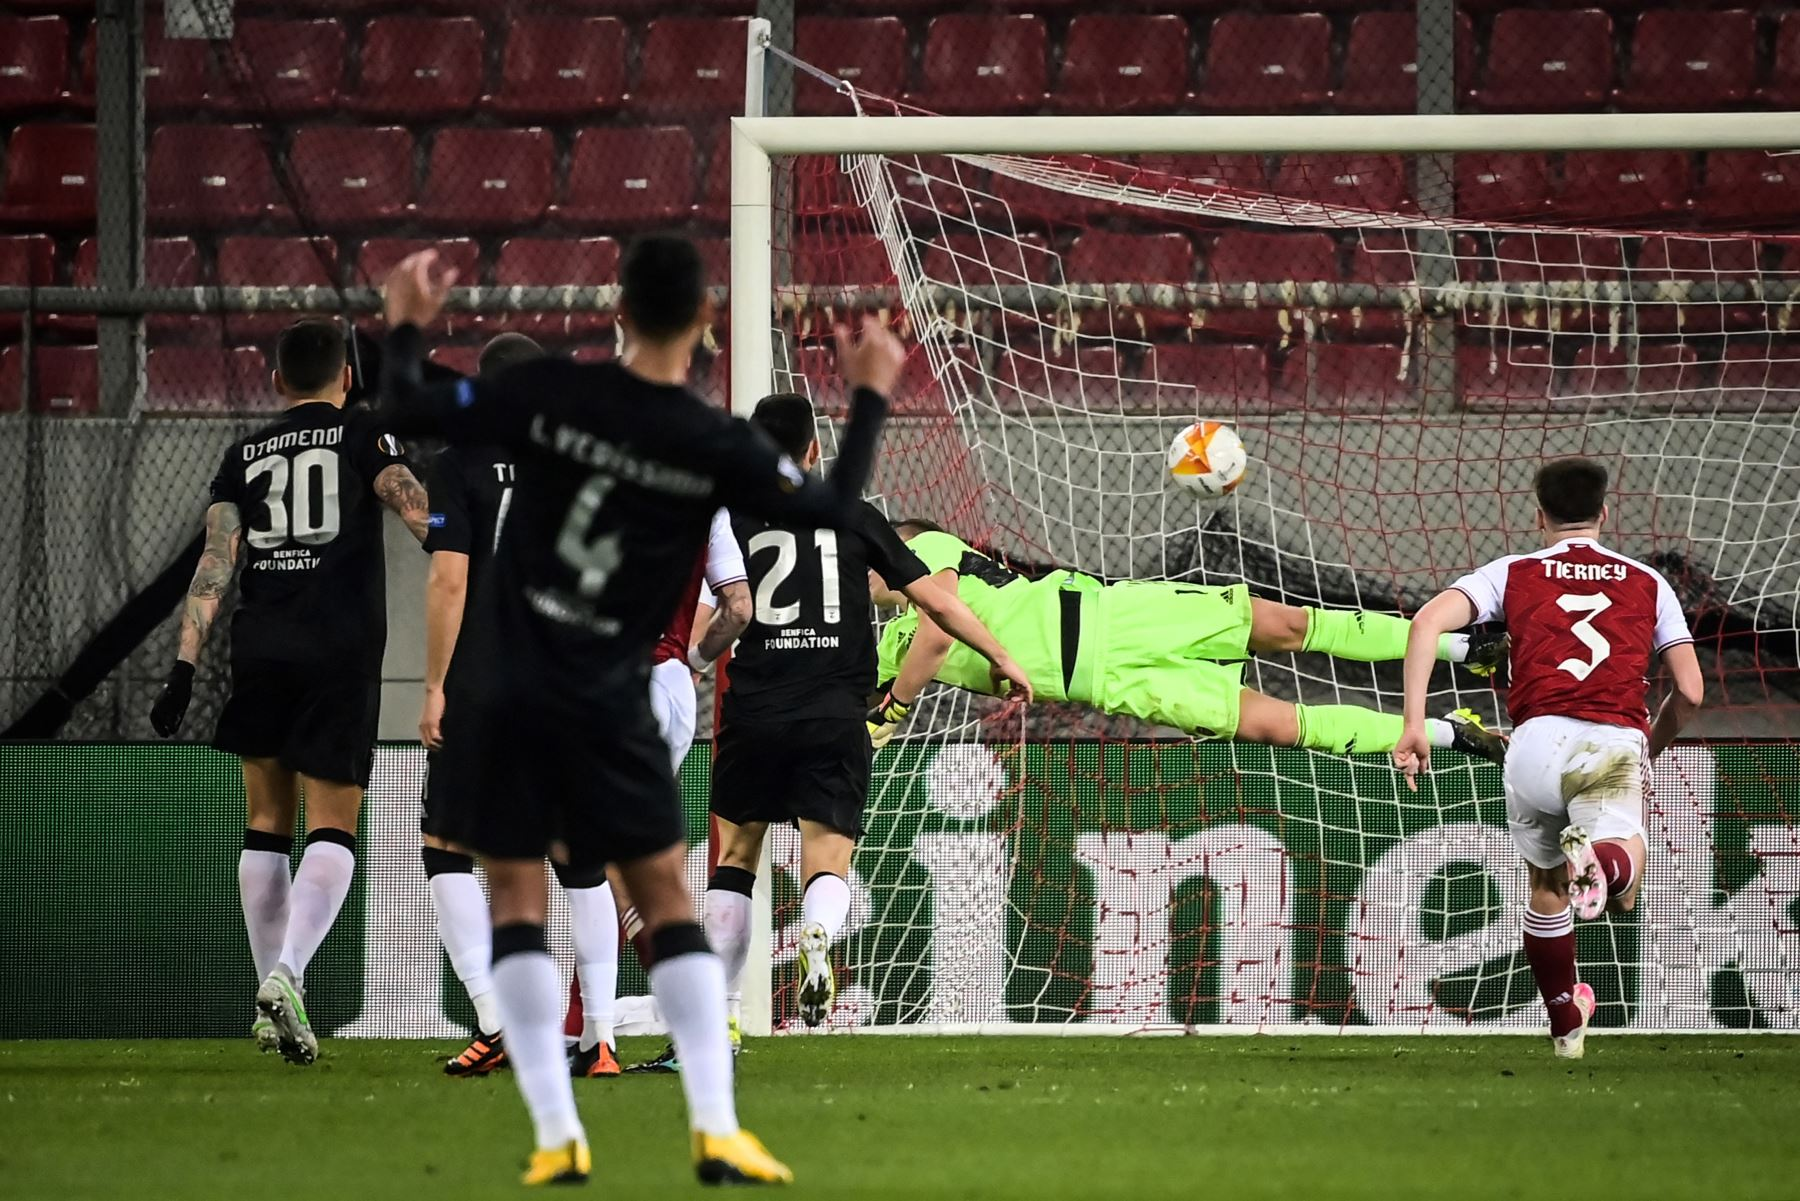 El delantero portugués del Benfica Diogo Goncalves dispara y anota un penalti durante el partido de fútbol de la segunda etapa de la UEFA Europa League. Foto: AFP